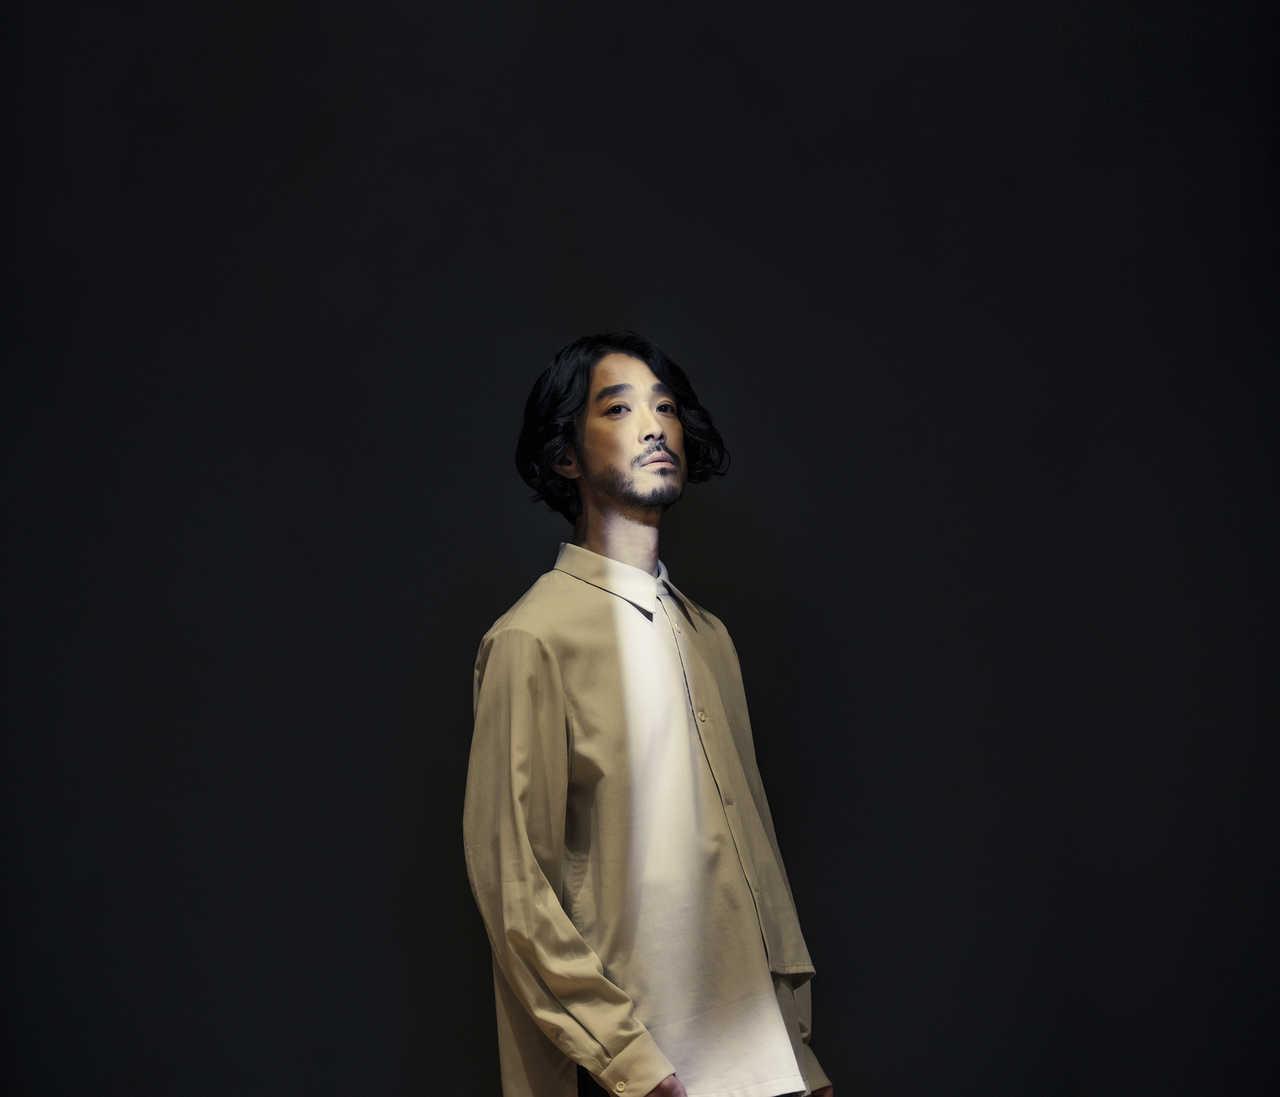 大橋トリオ『Paradise feat. Michael Kaneko』をデジタルリリース!「81FILM」よりティザー映像公開!